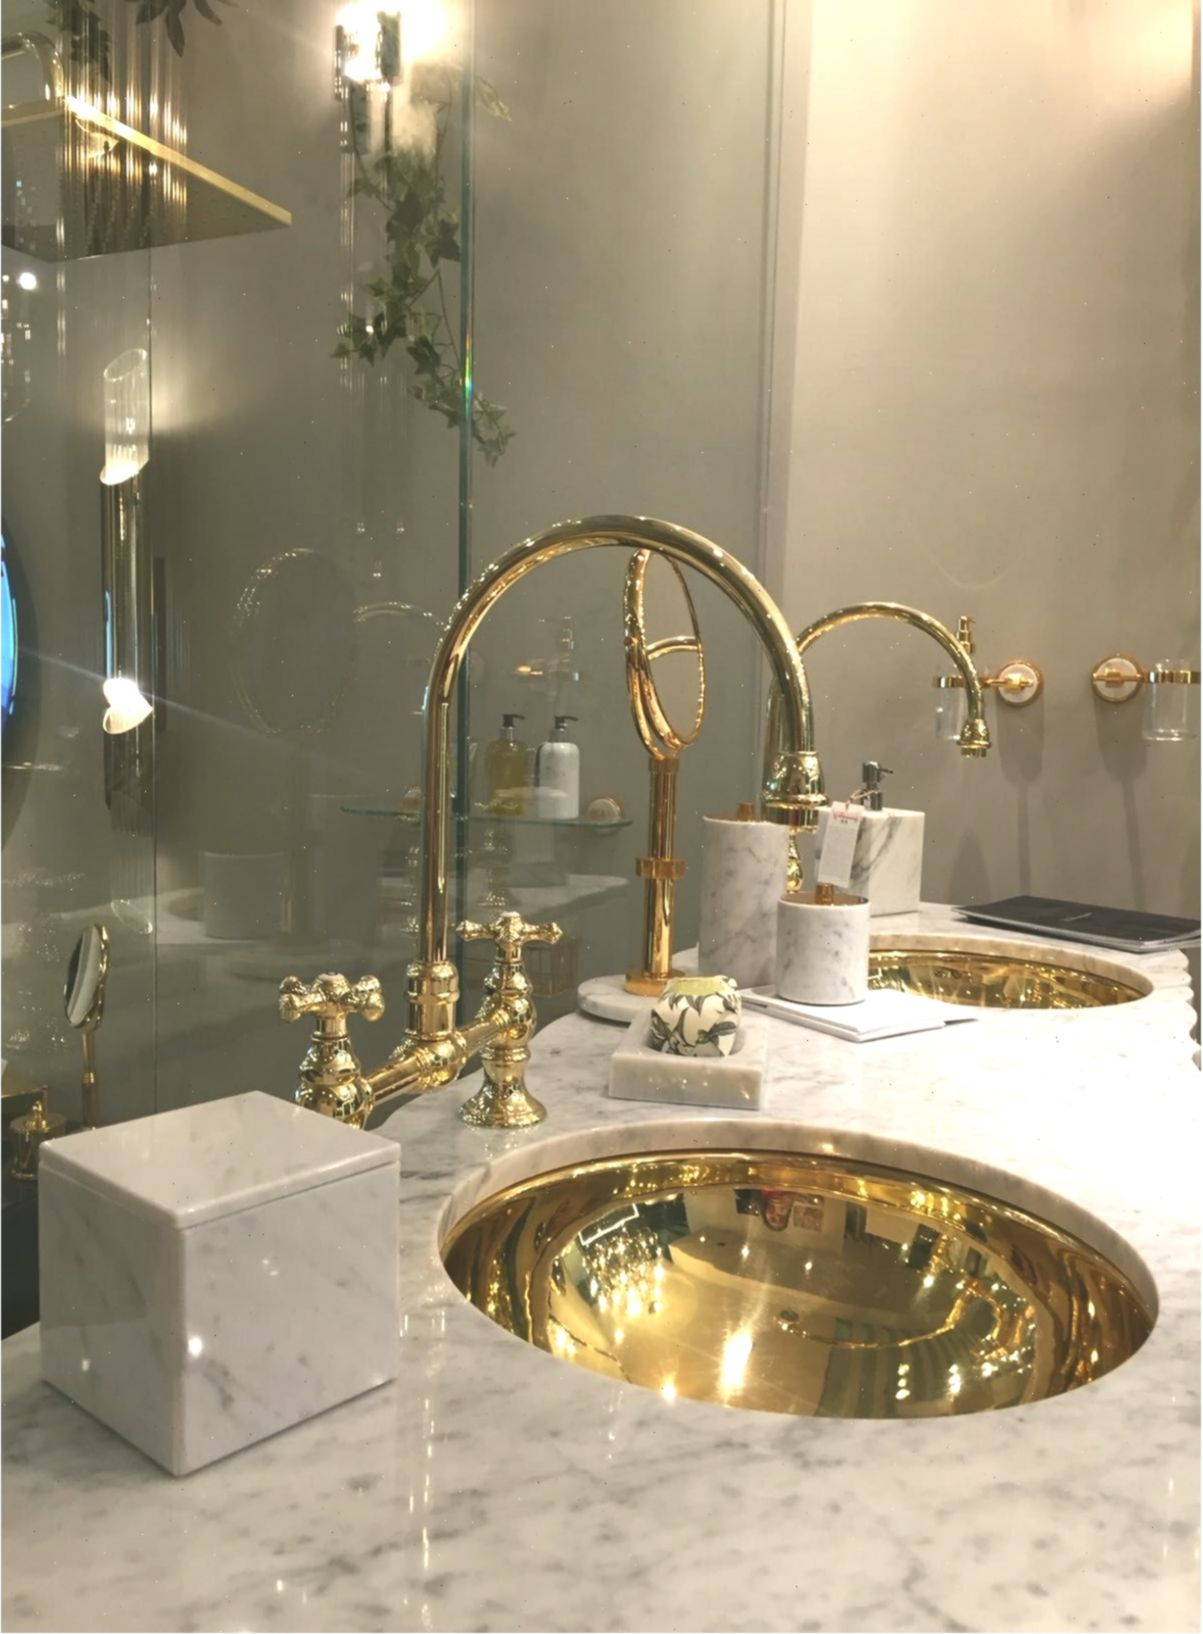 Curated Design 6 Bathroom Decor Ideas Badezimmerdekor Bathroomdecorluxury In 2020 Bathroom Decor Luxury Luxury Home Decor Luxury Bathroom